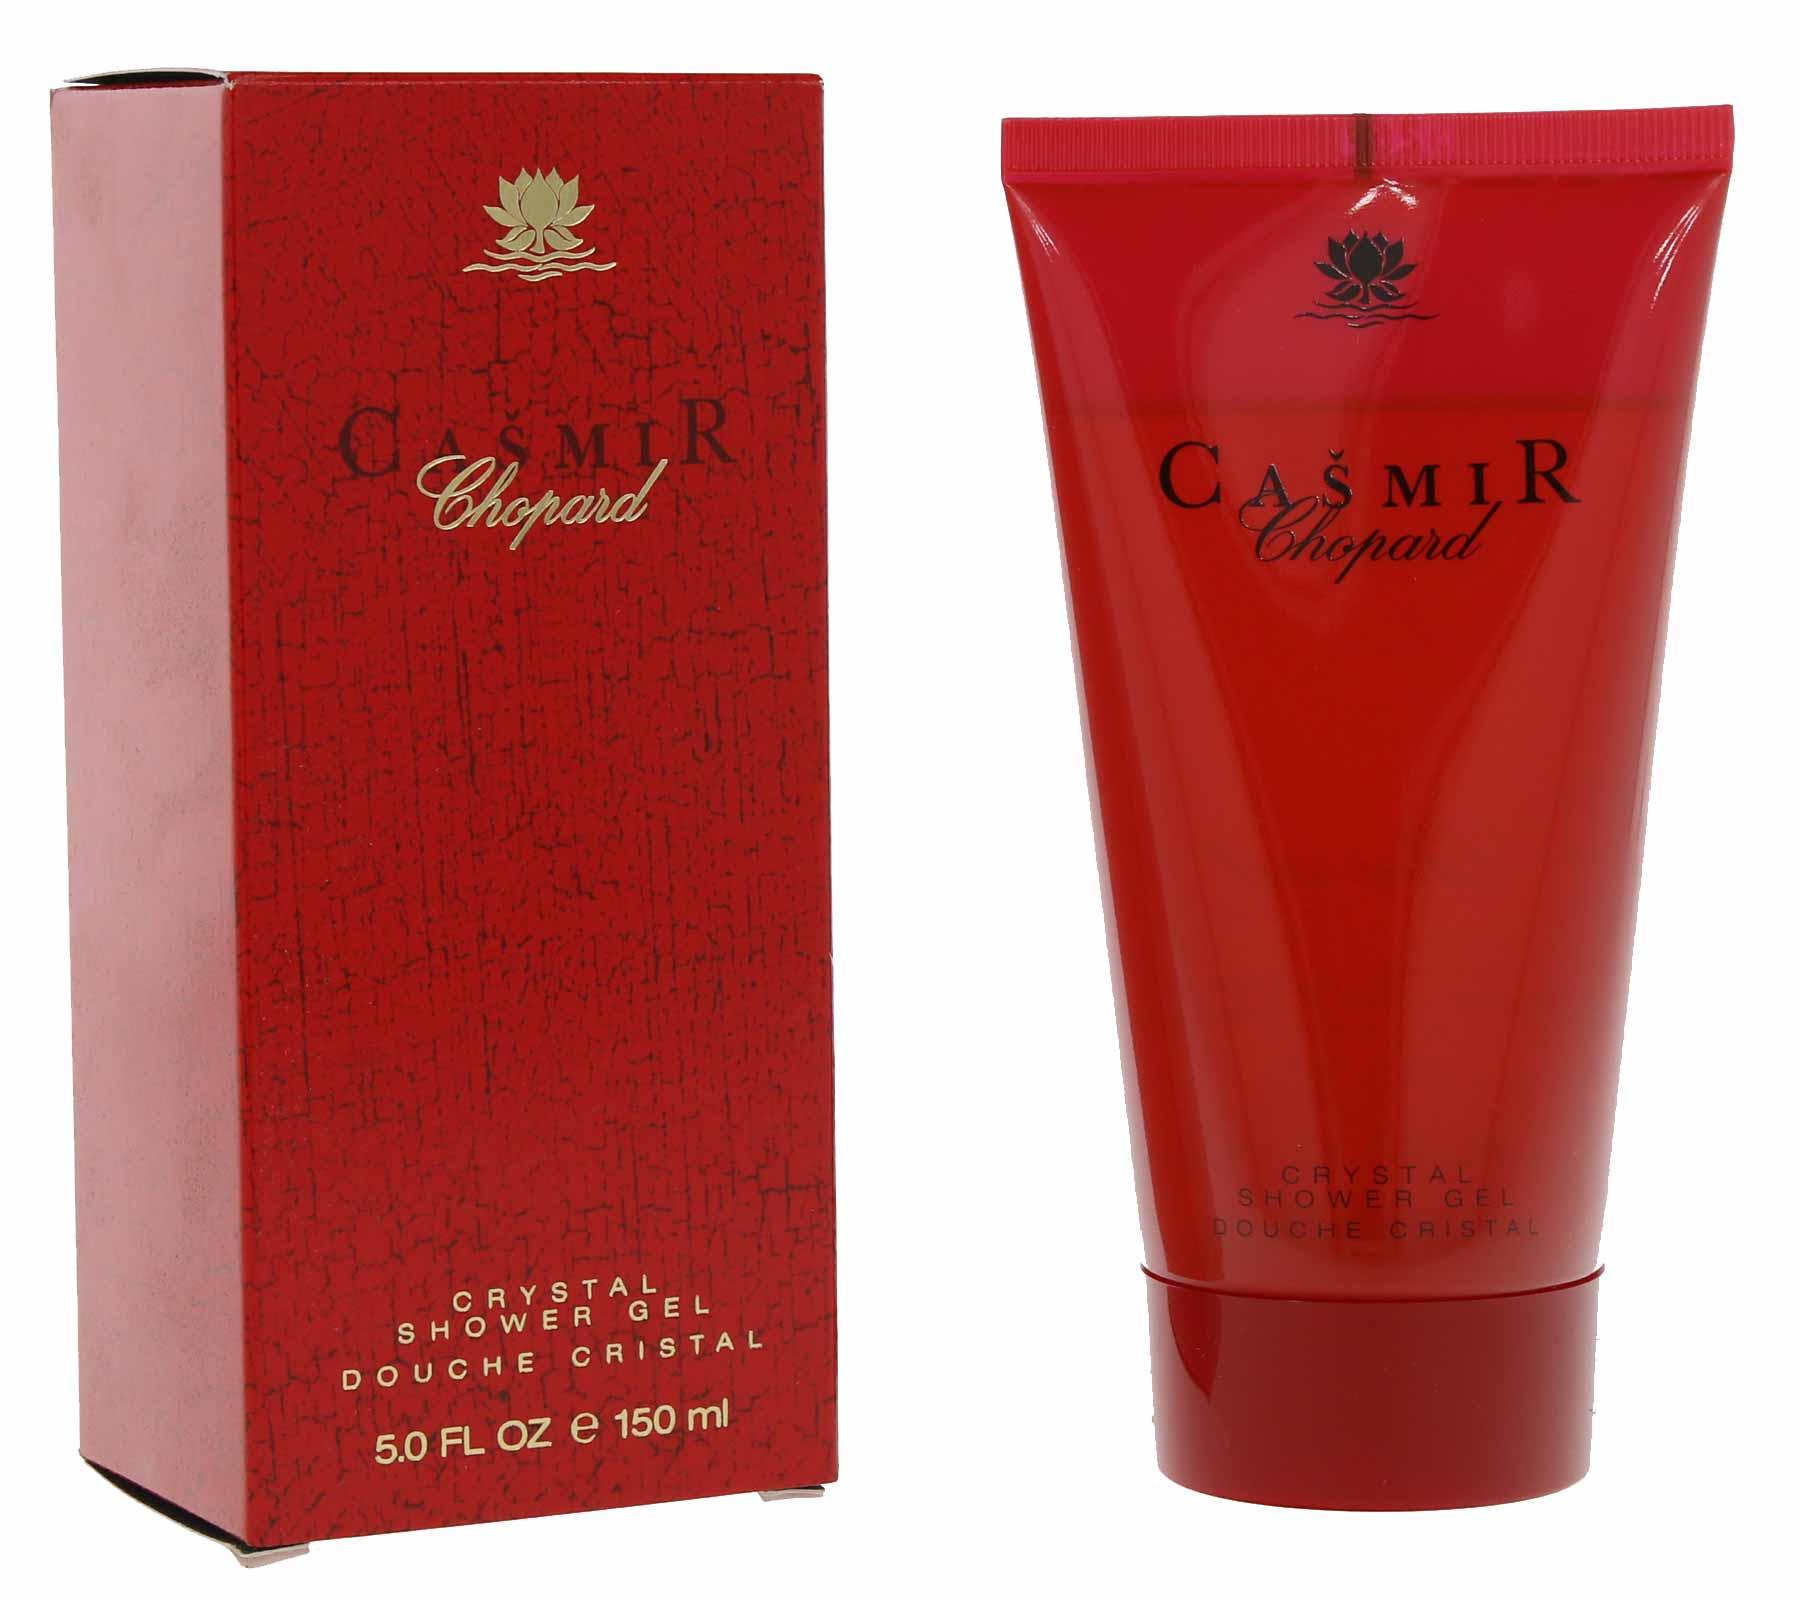 Chopard parfums Casmir Crystal Shower Gel Damen Duschgel 150 ml für 3,99€ @outlet46